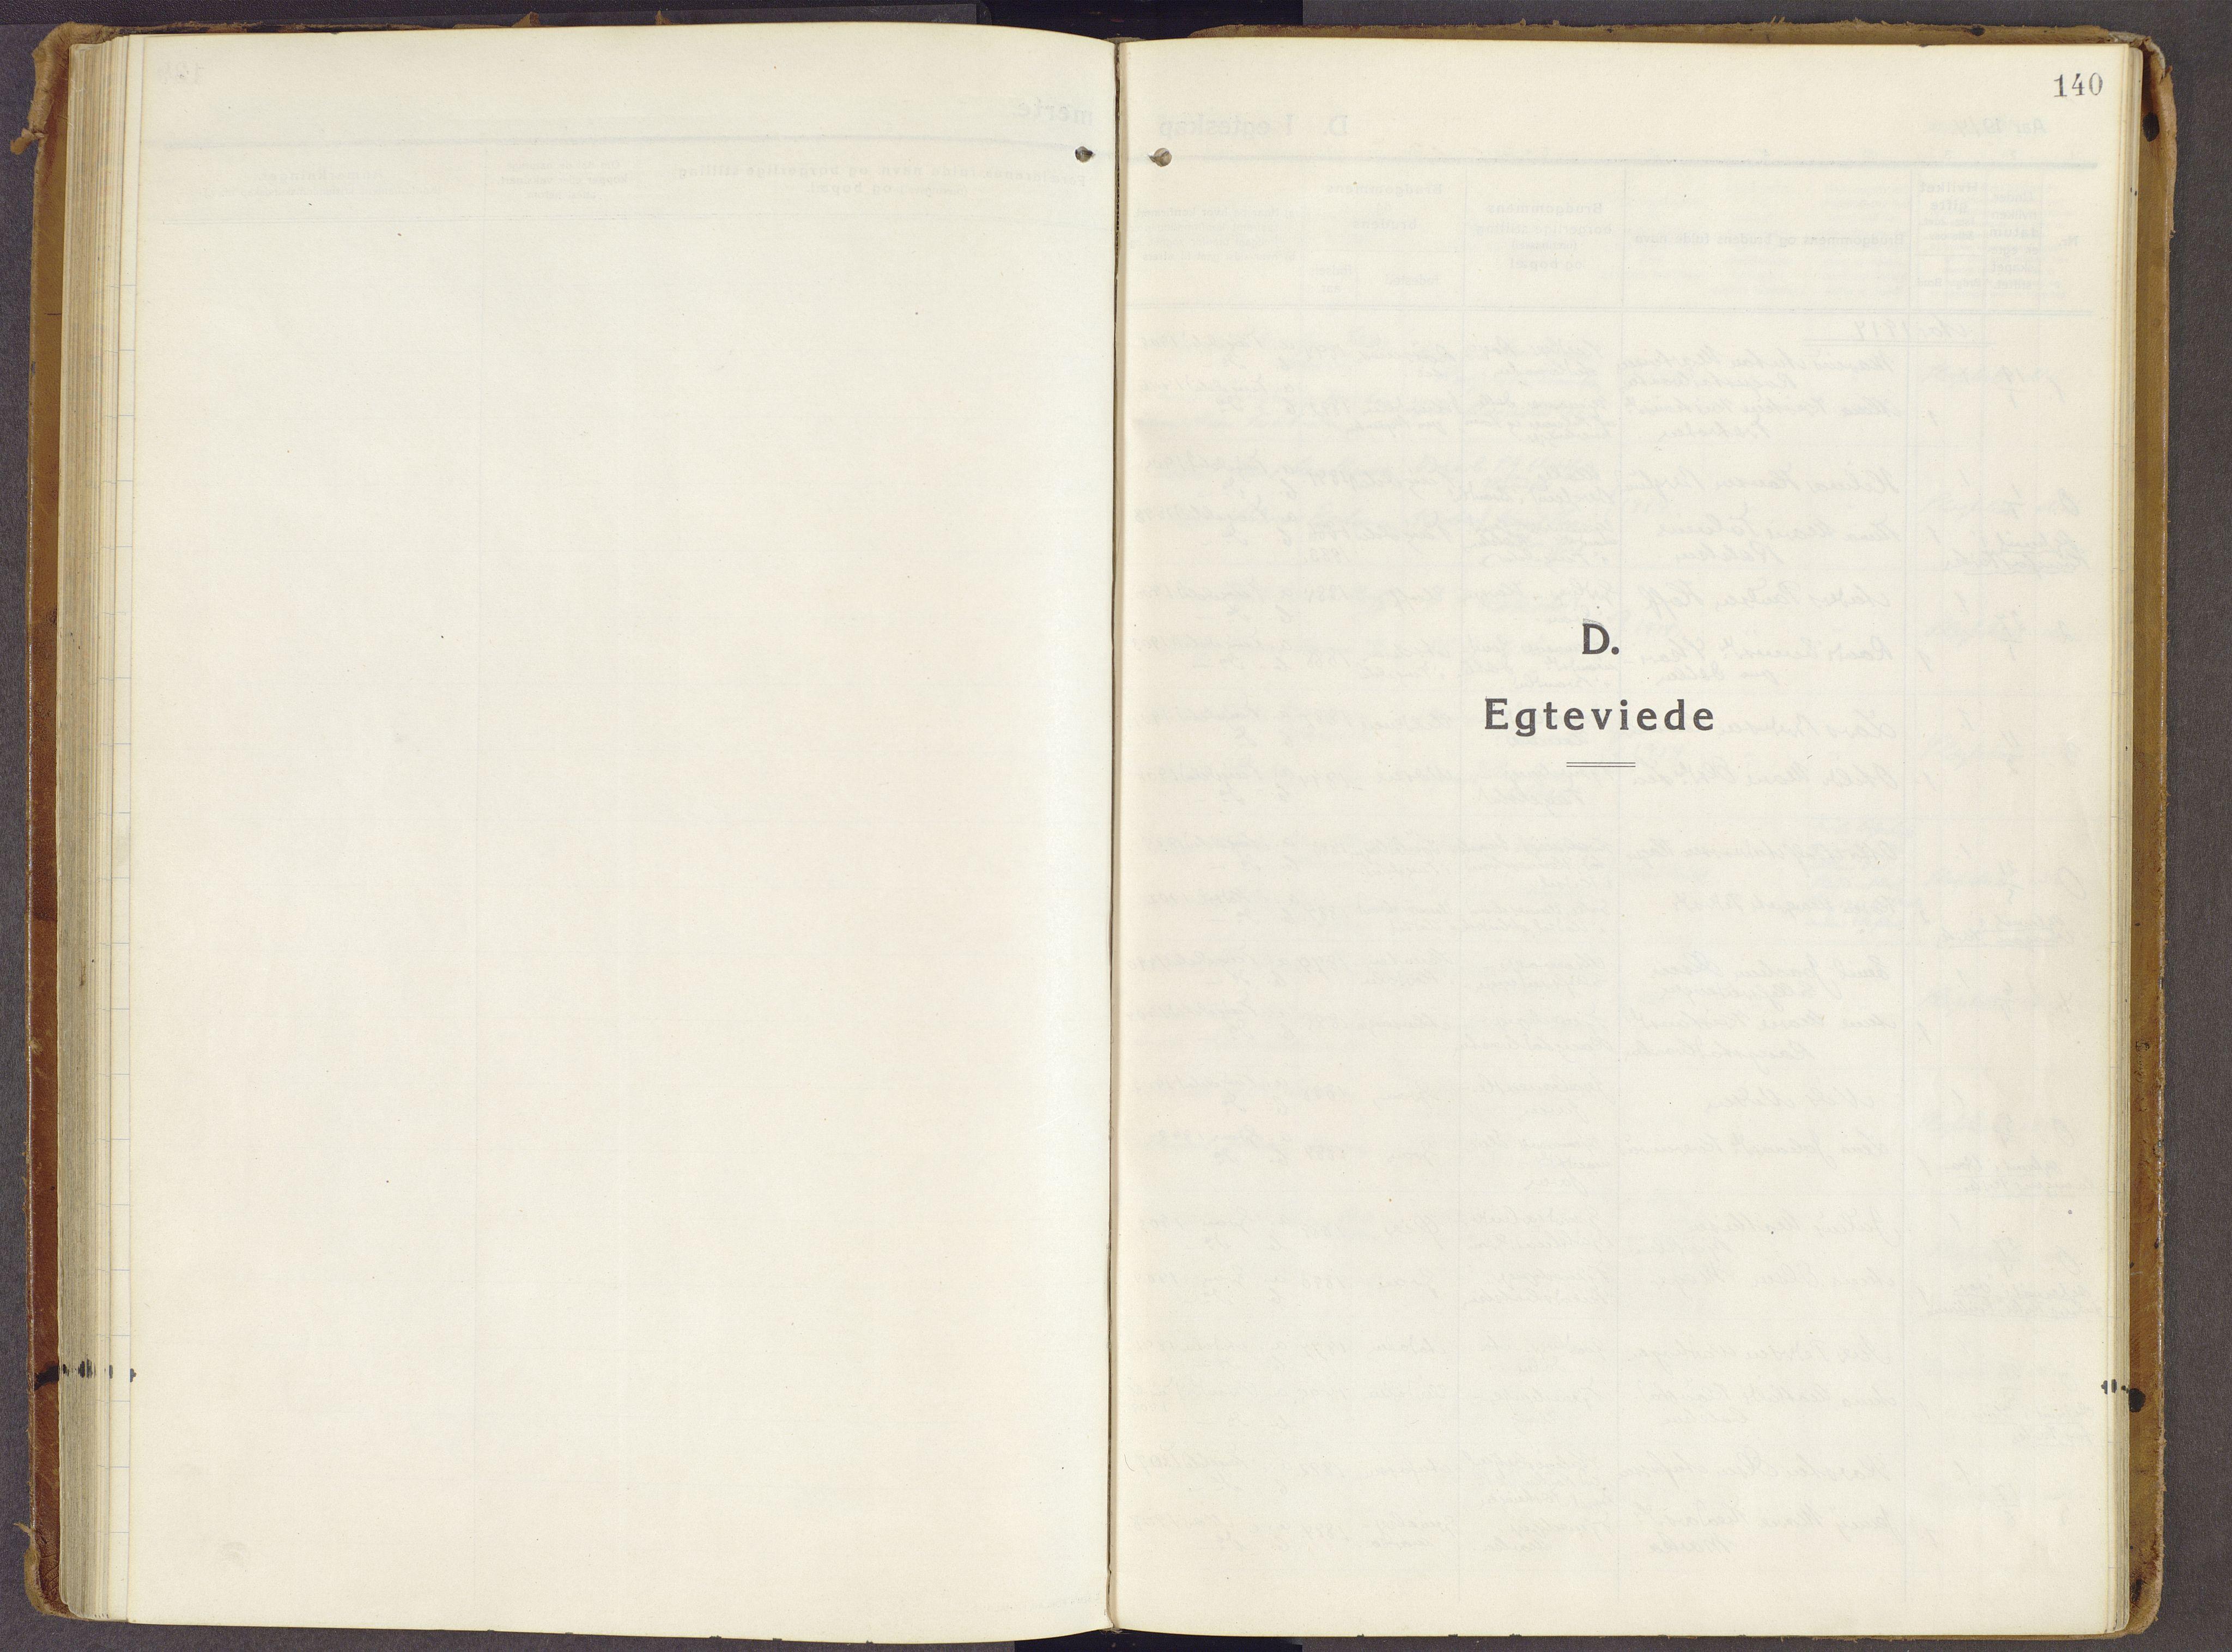 SAH, Brandbu prestekontor, Ministerialbok nr. 3, 1914-1928, s. 140